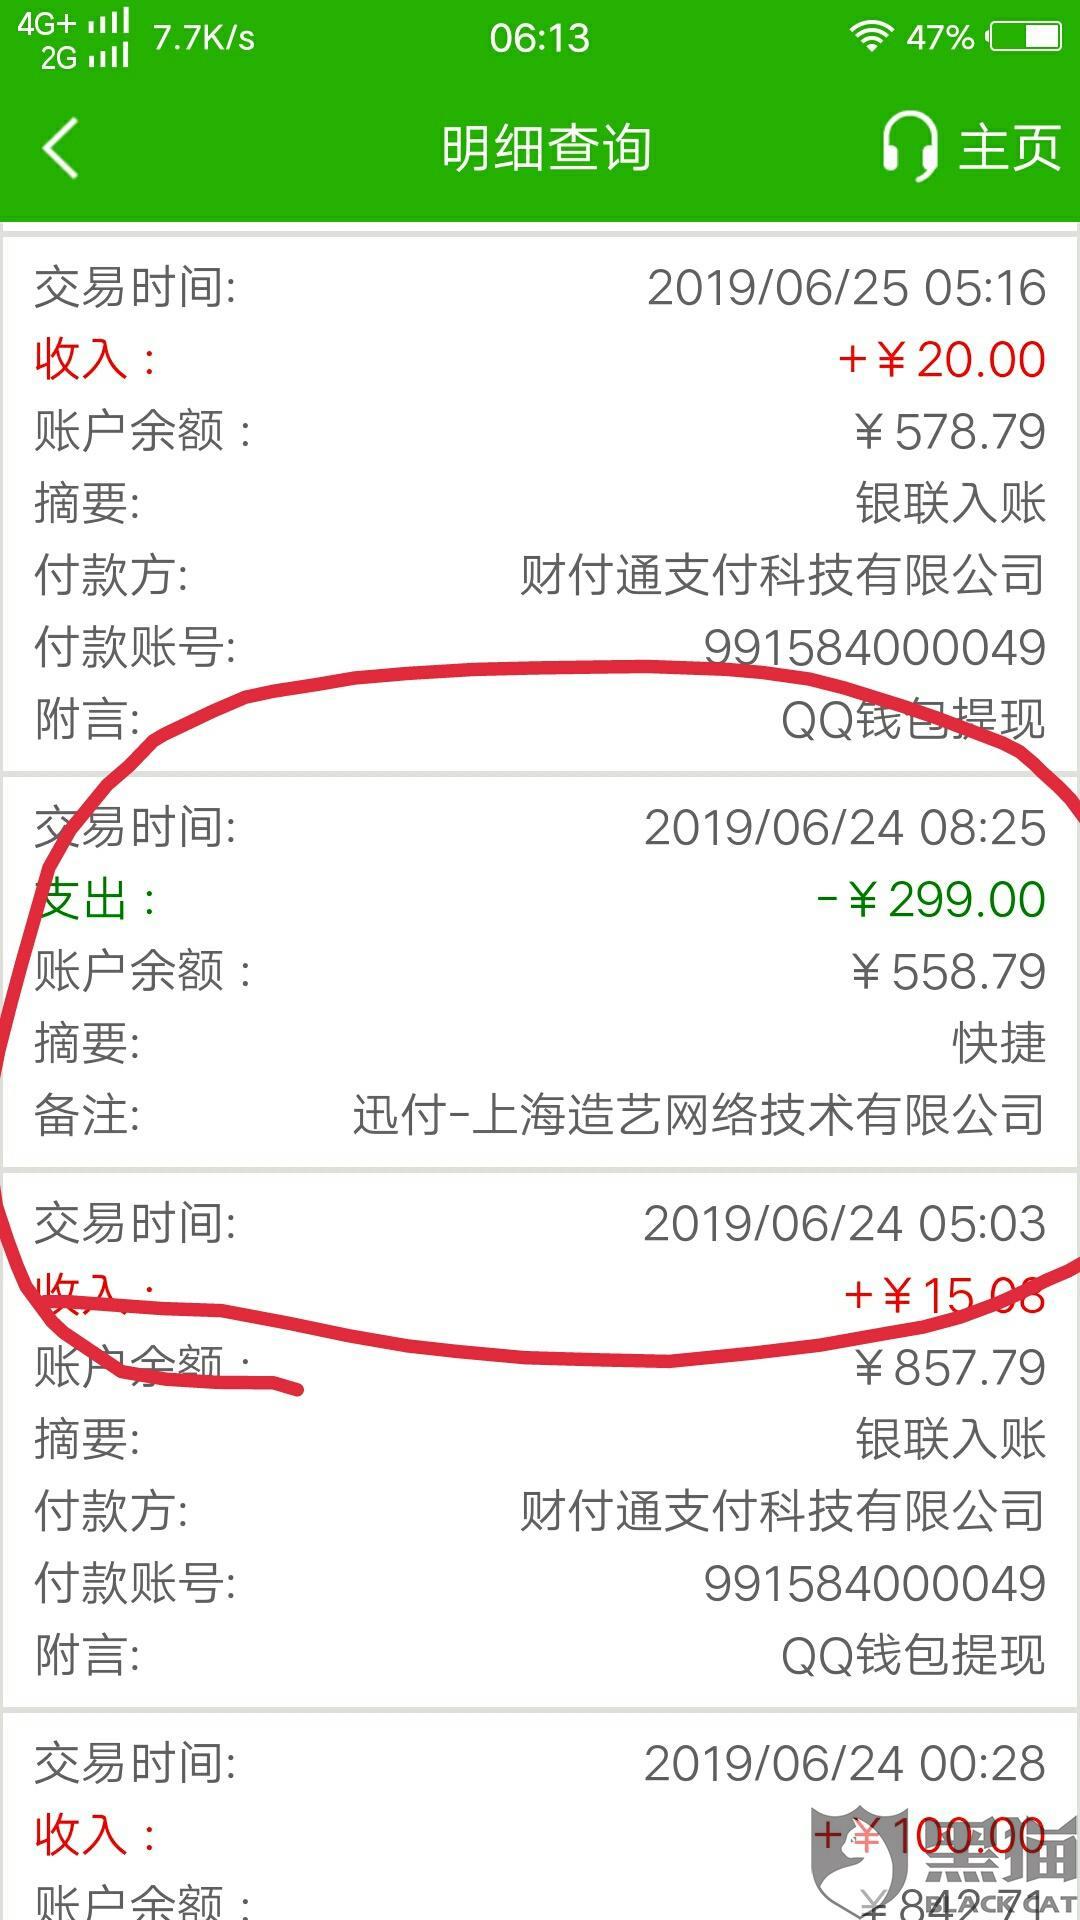 黑猫投诉:讯付,上海造艺科技网络有限公司无缘无故扣费